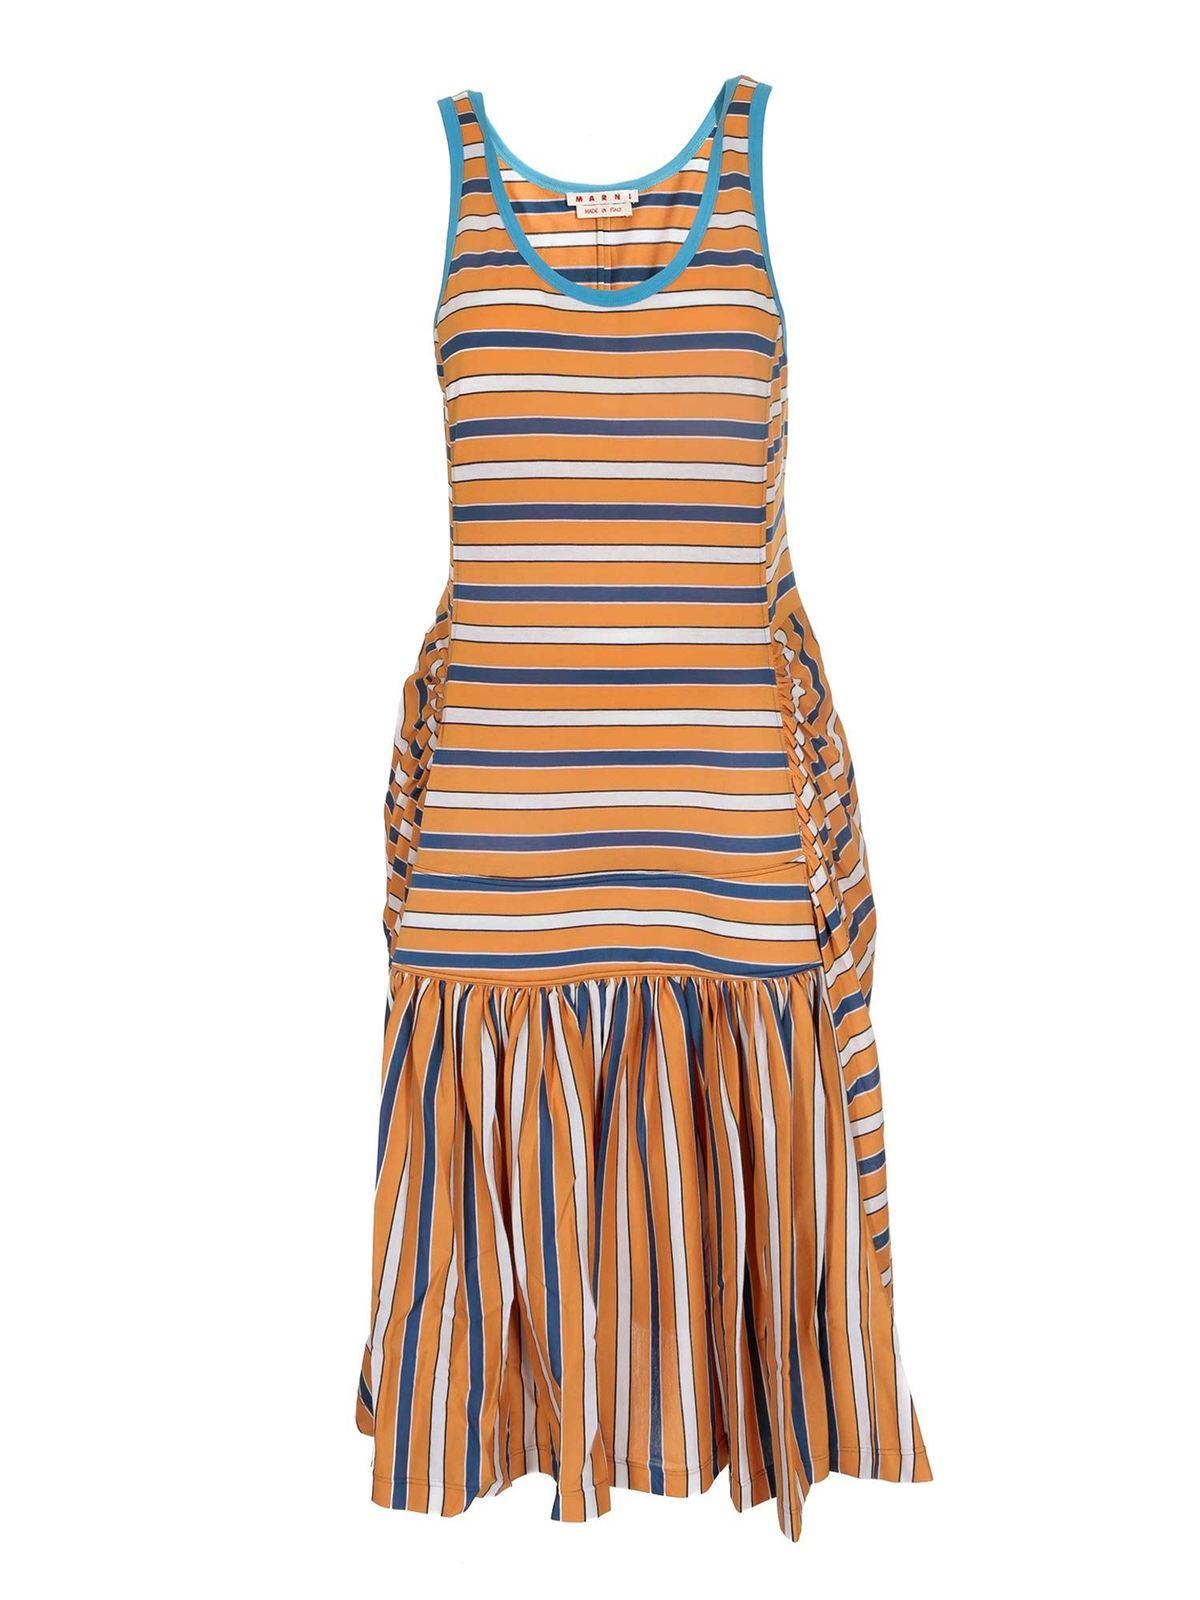 Marni FLOUNCED DRESS IN ORANGE